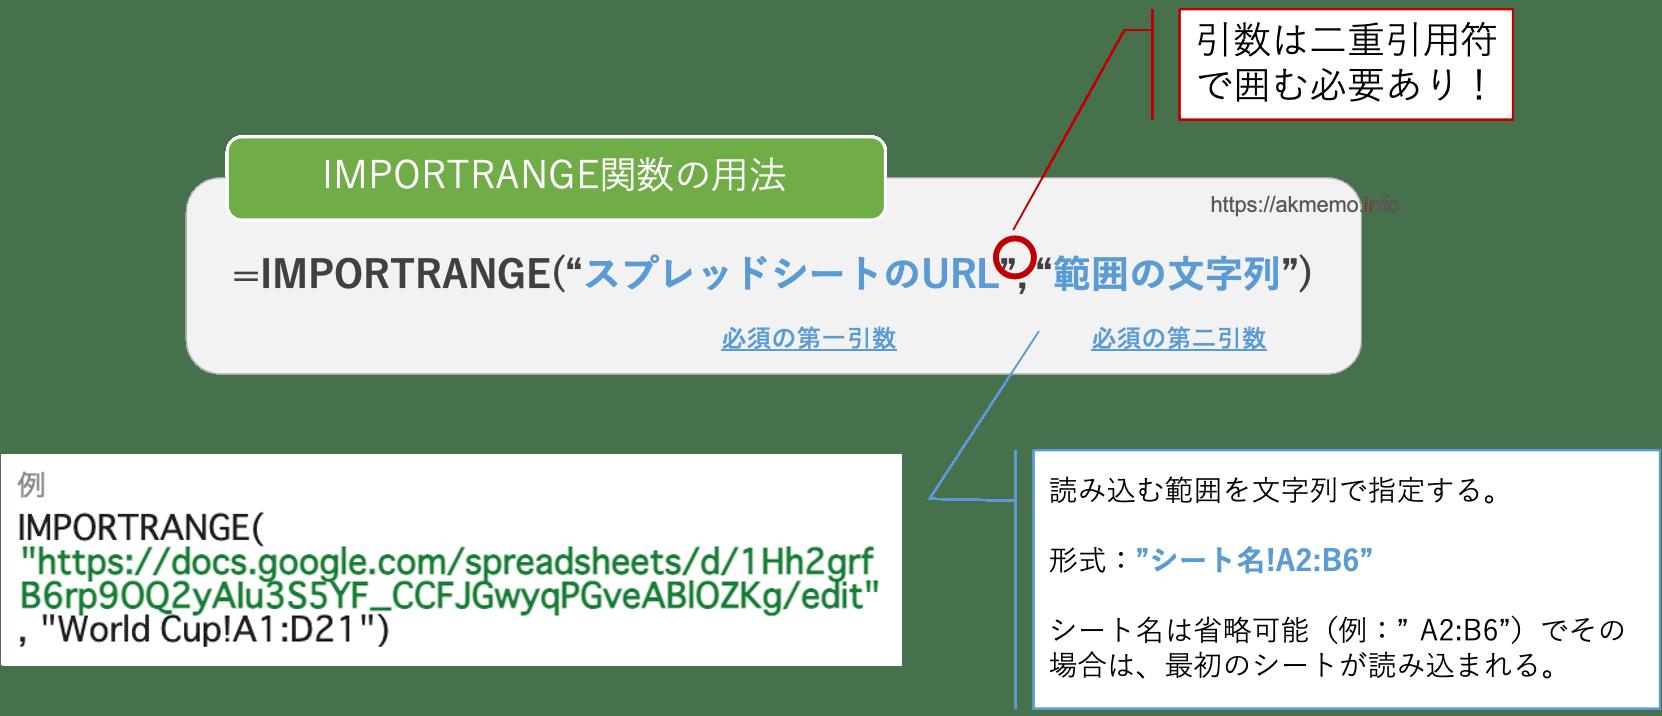 別のスプレッドシートからデータを読み込む「Importrange」関数使い方